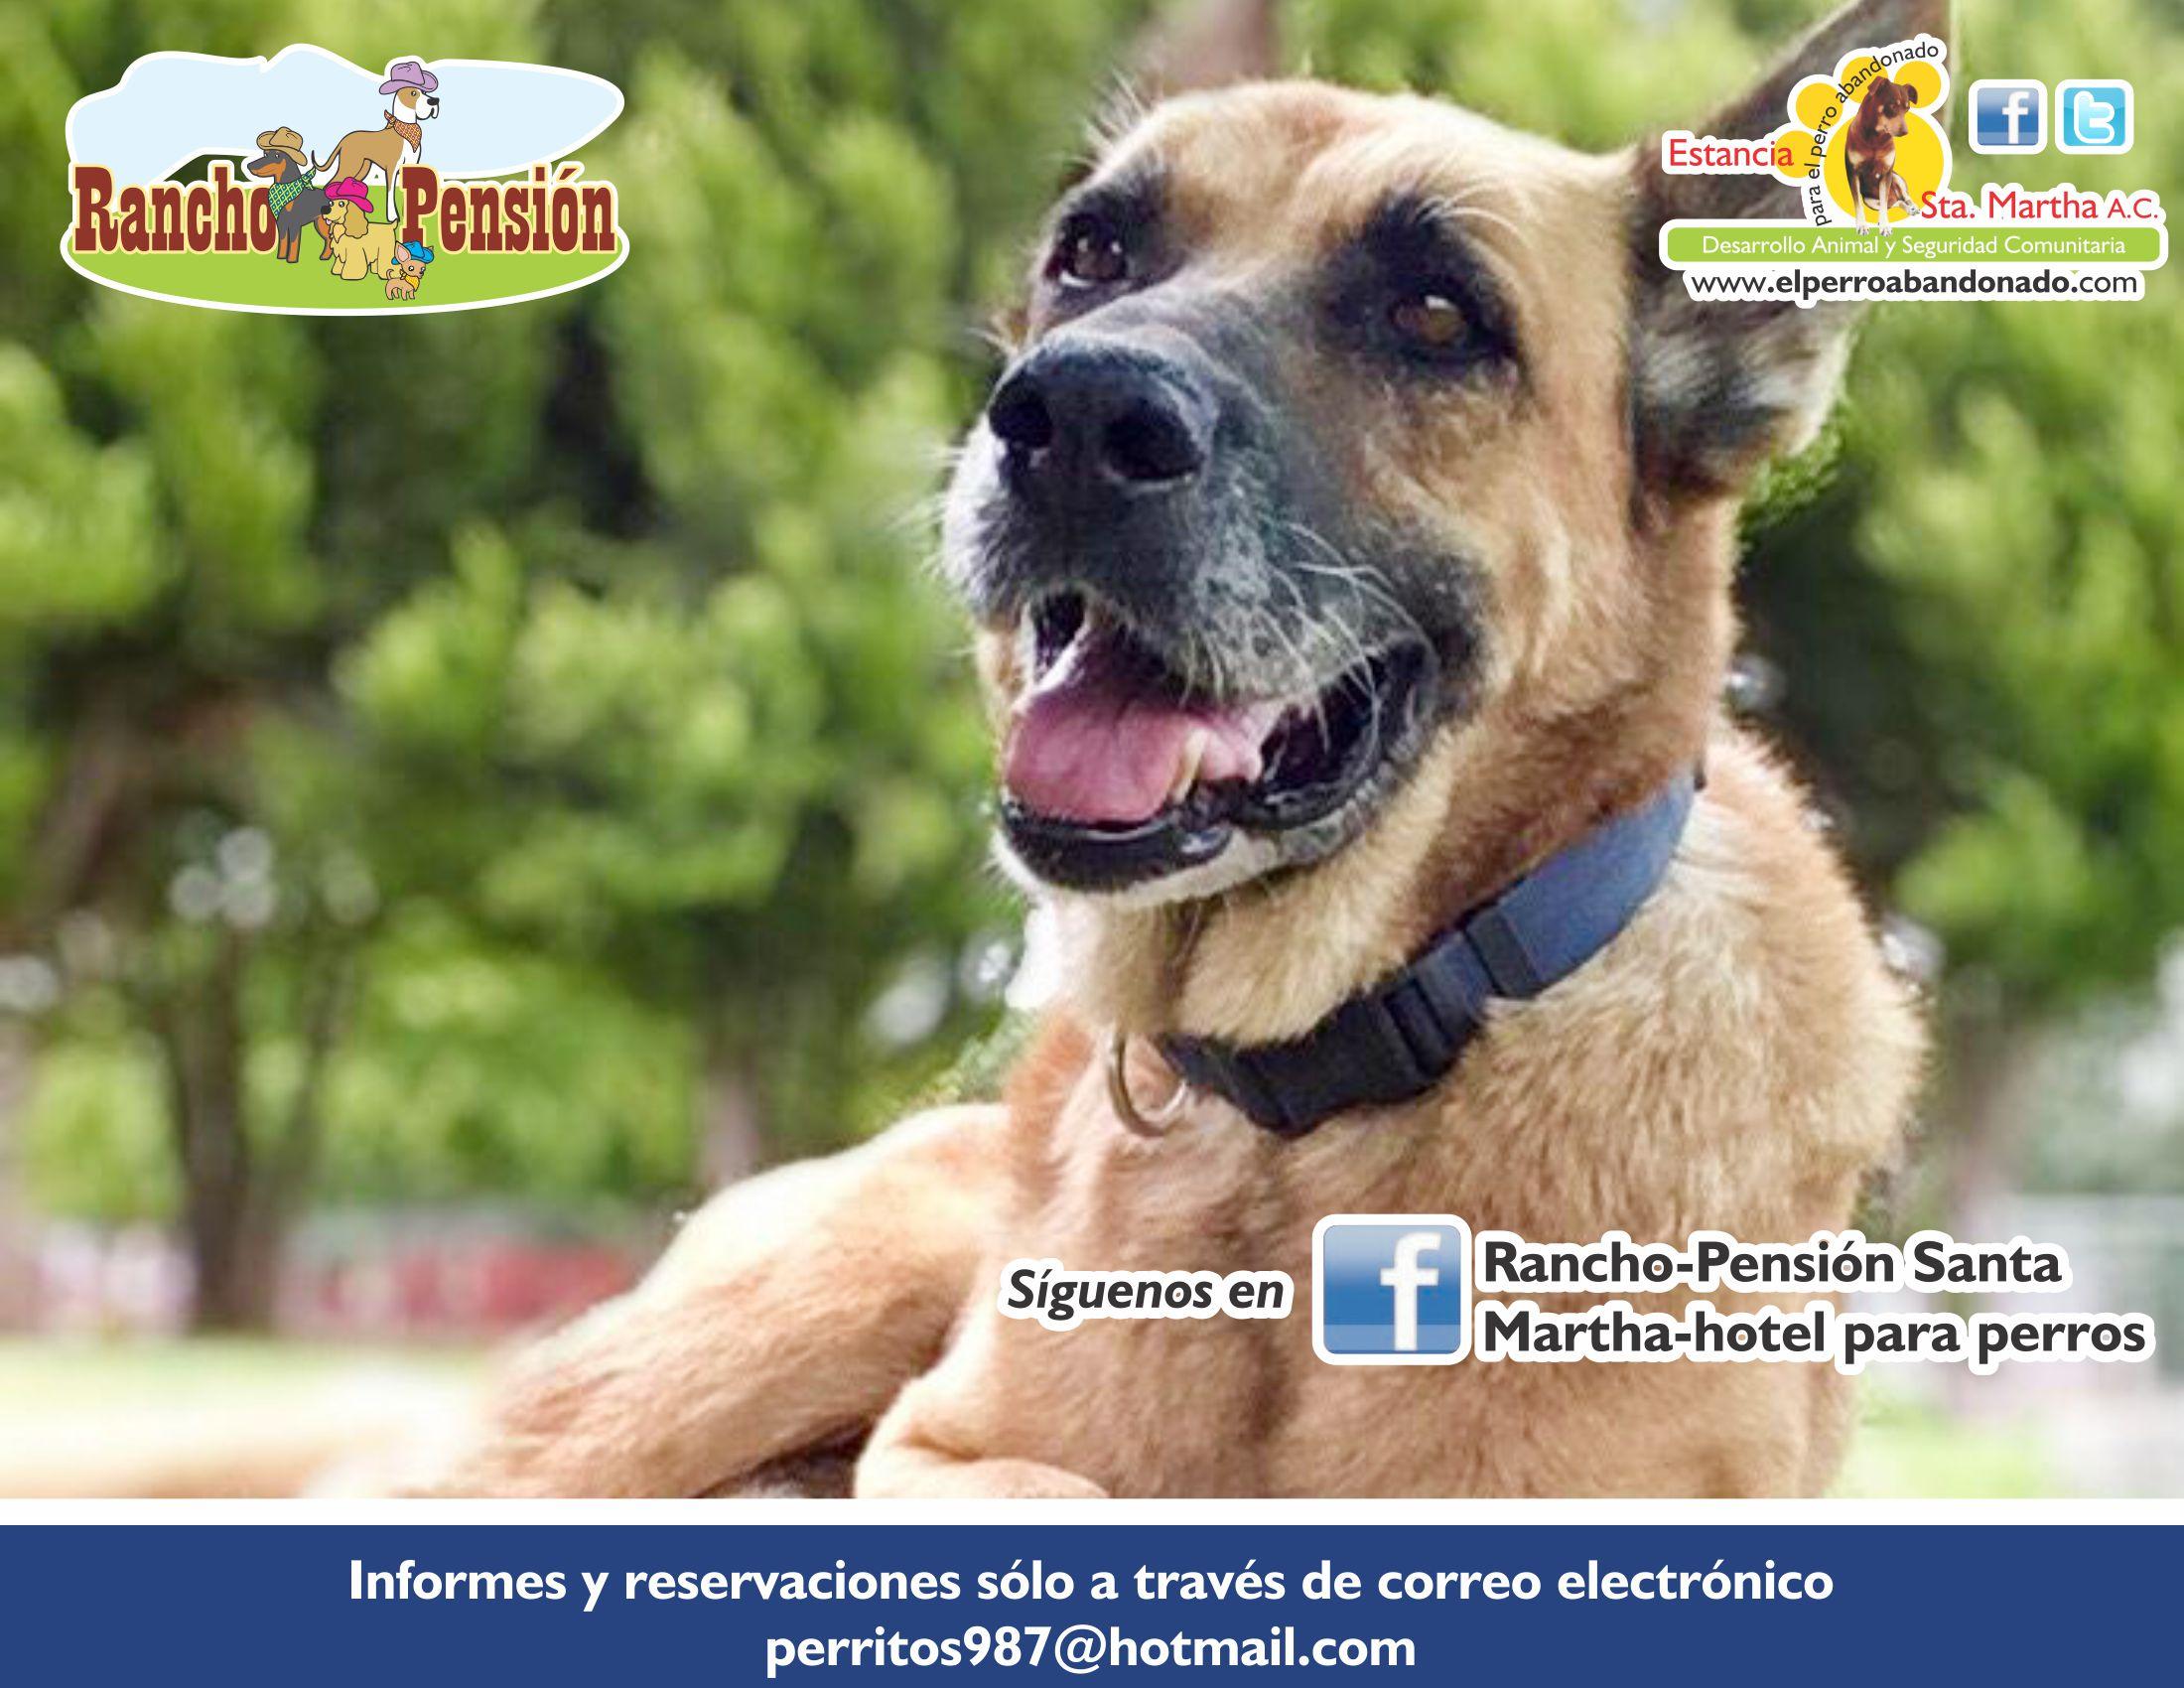 FB Rancho-Pensión-DUQUE